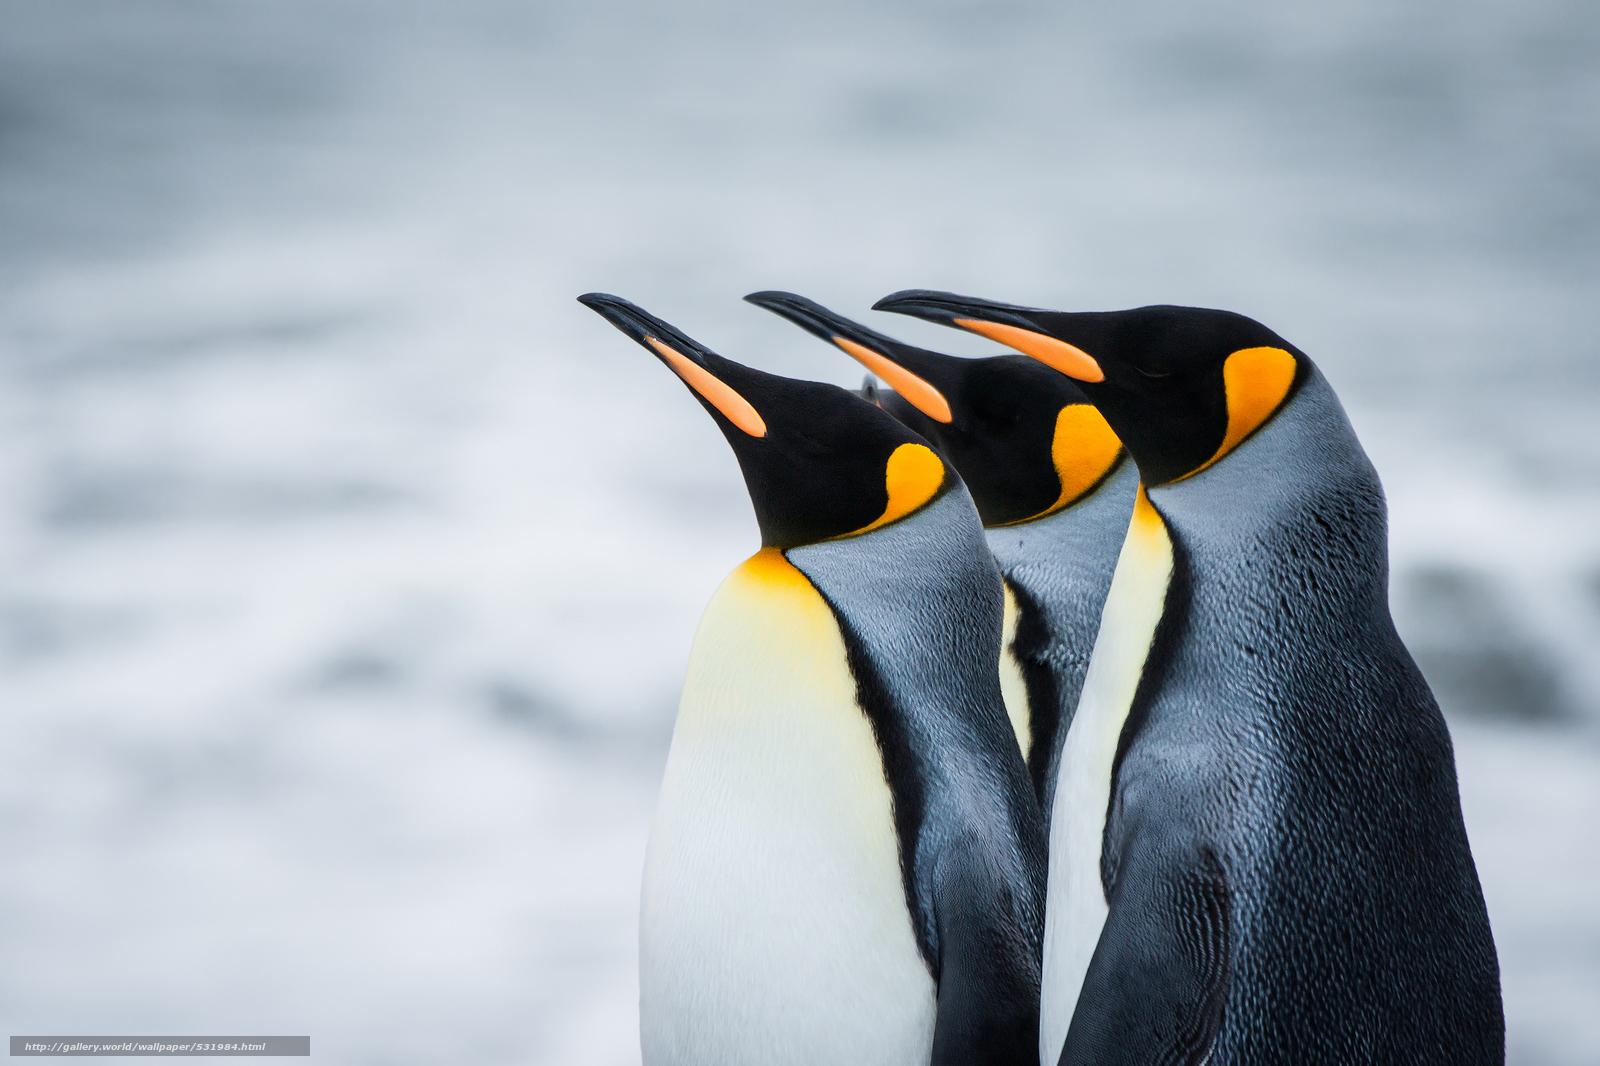 Скачать обои пингвины,  королевские,  Антарктика,  Южная Георгия бесплатно для рабочего стола в разрешении 2048x1365 — картинка №531984